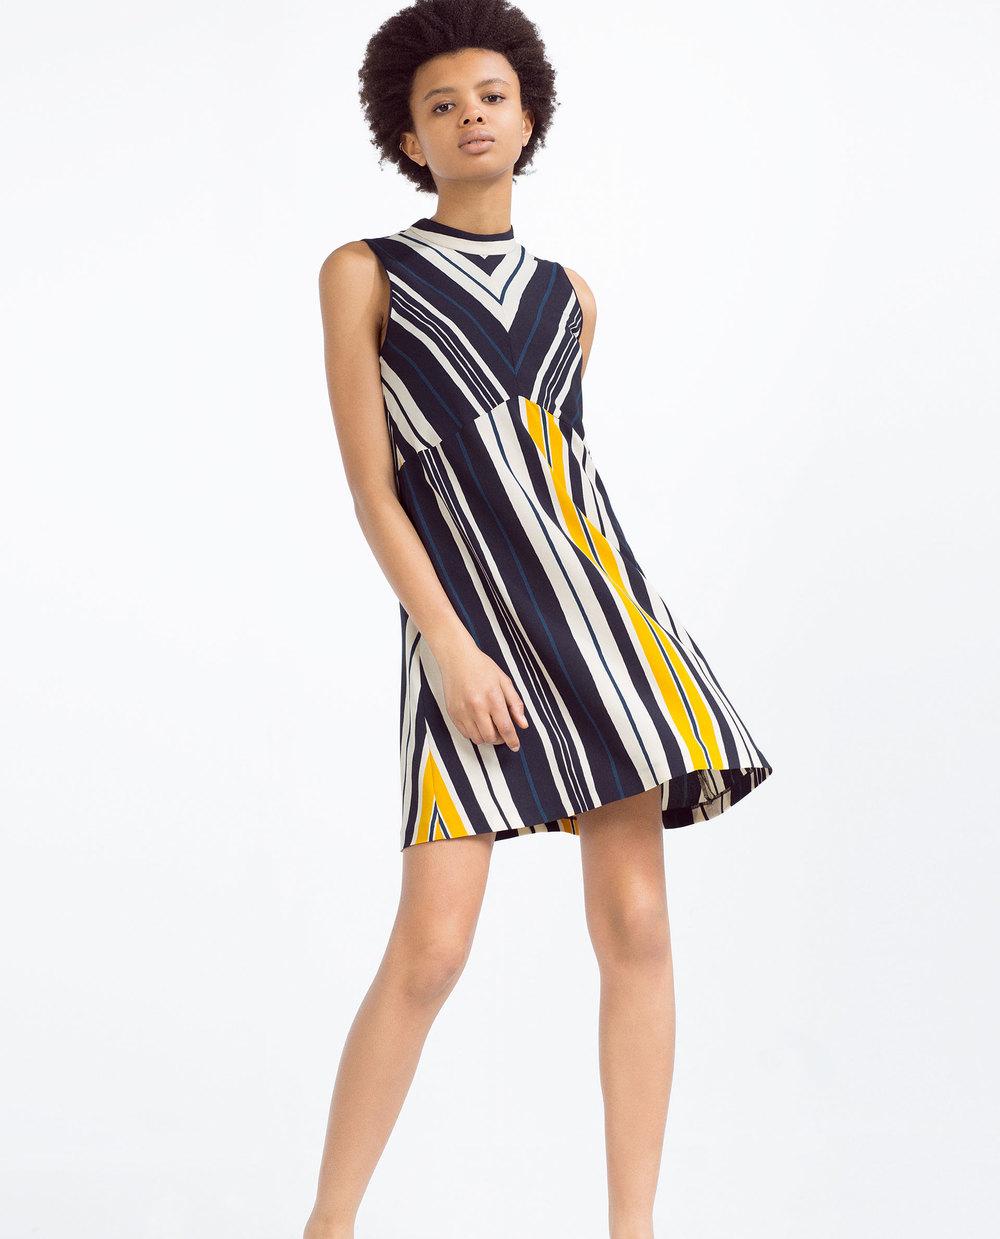 A Line Striped Dress. Zara. $49.